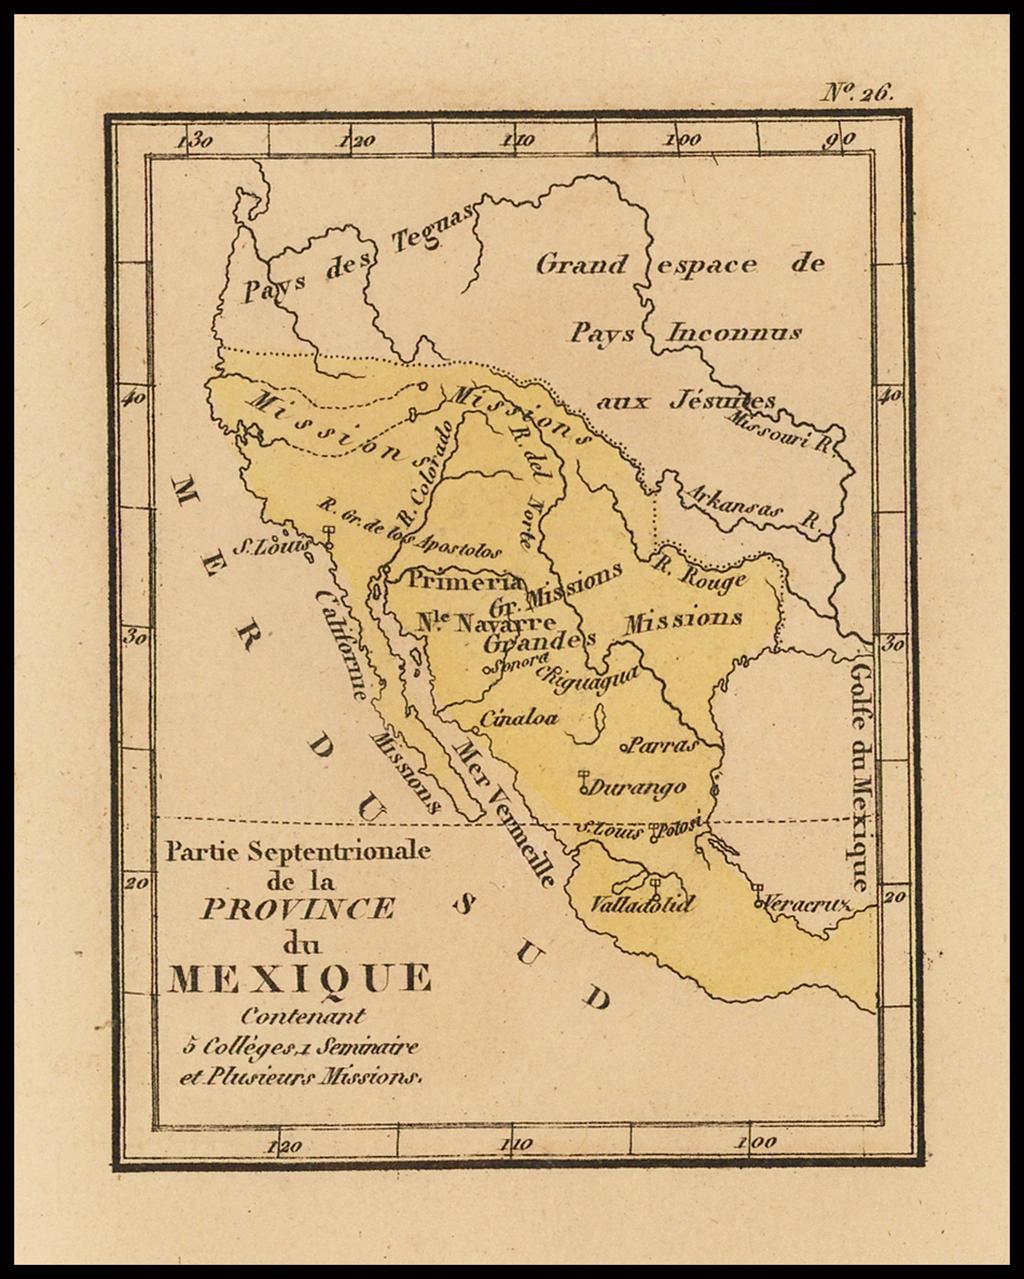 Partie Septentrionale de la Province du Mexique contenant 5 Colléges 1 Seminaire et plusieurs Missions By Louis Denis